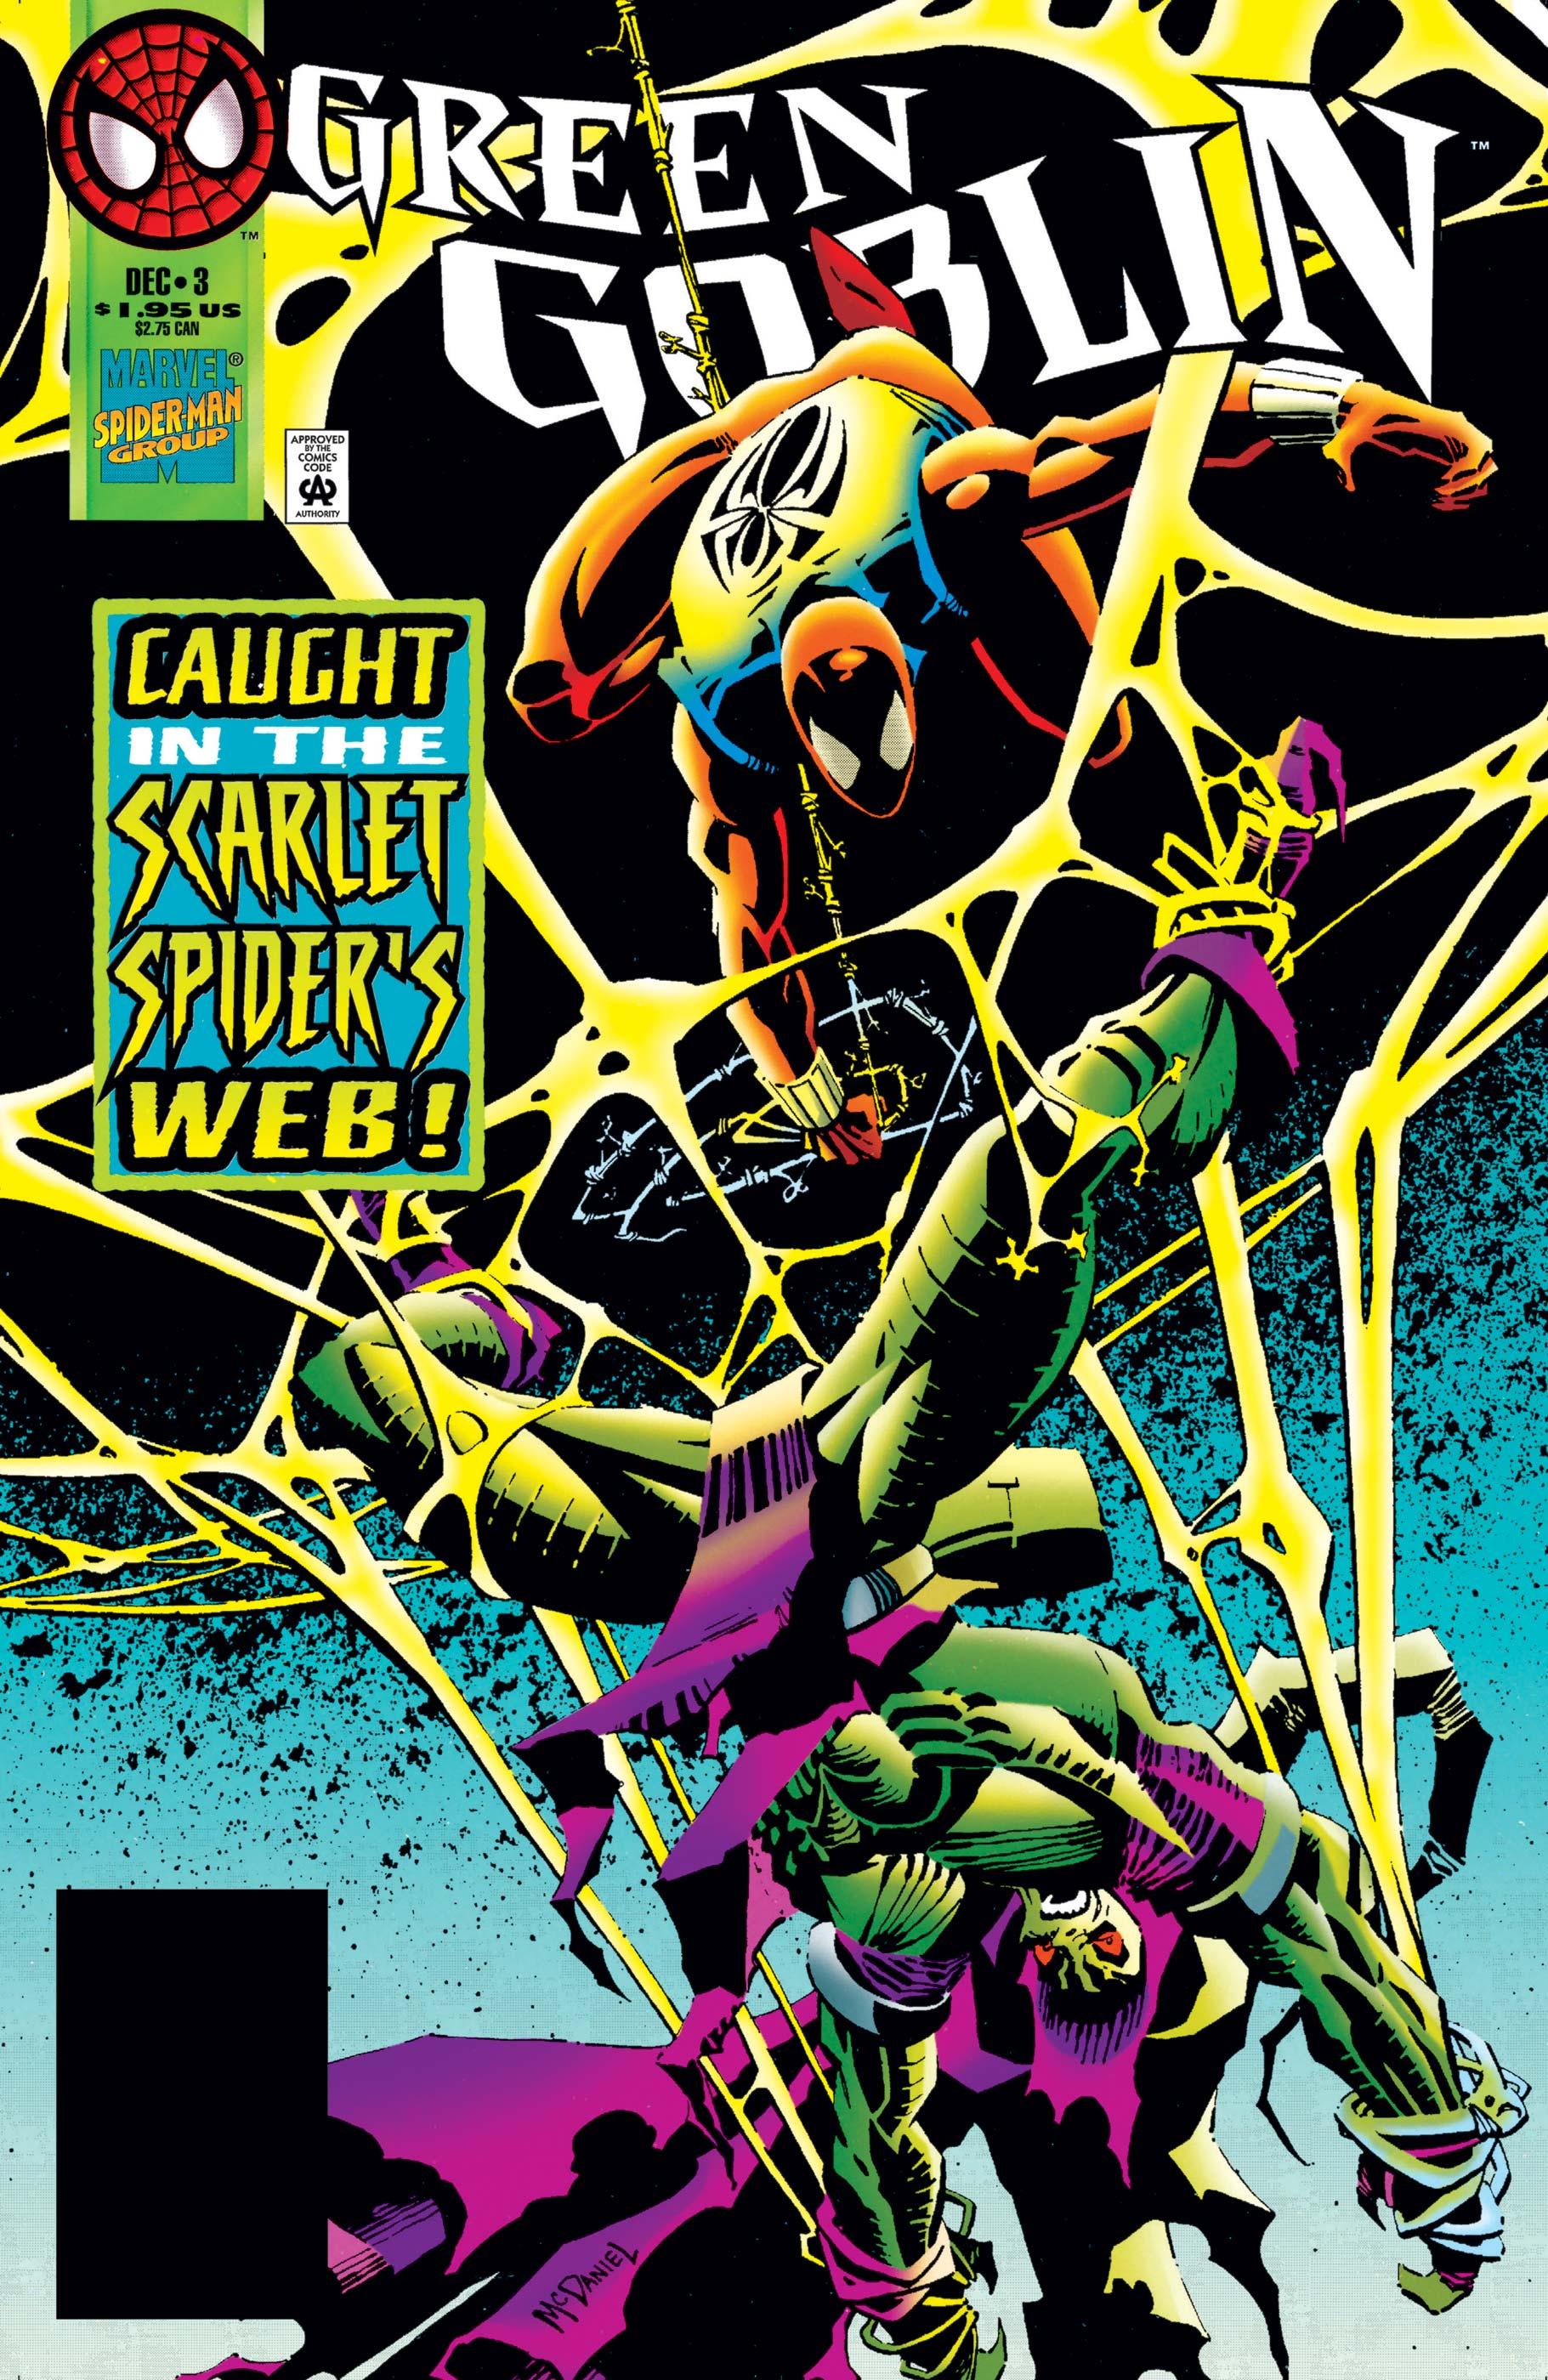 Green Goblin (1995) #3